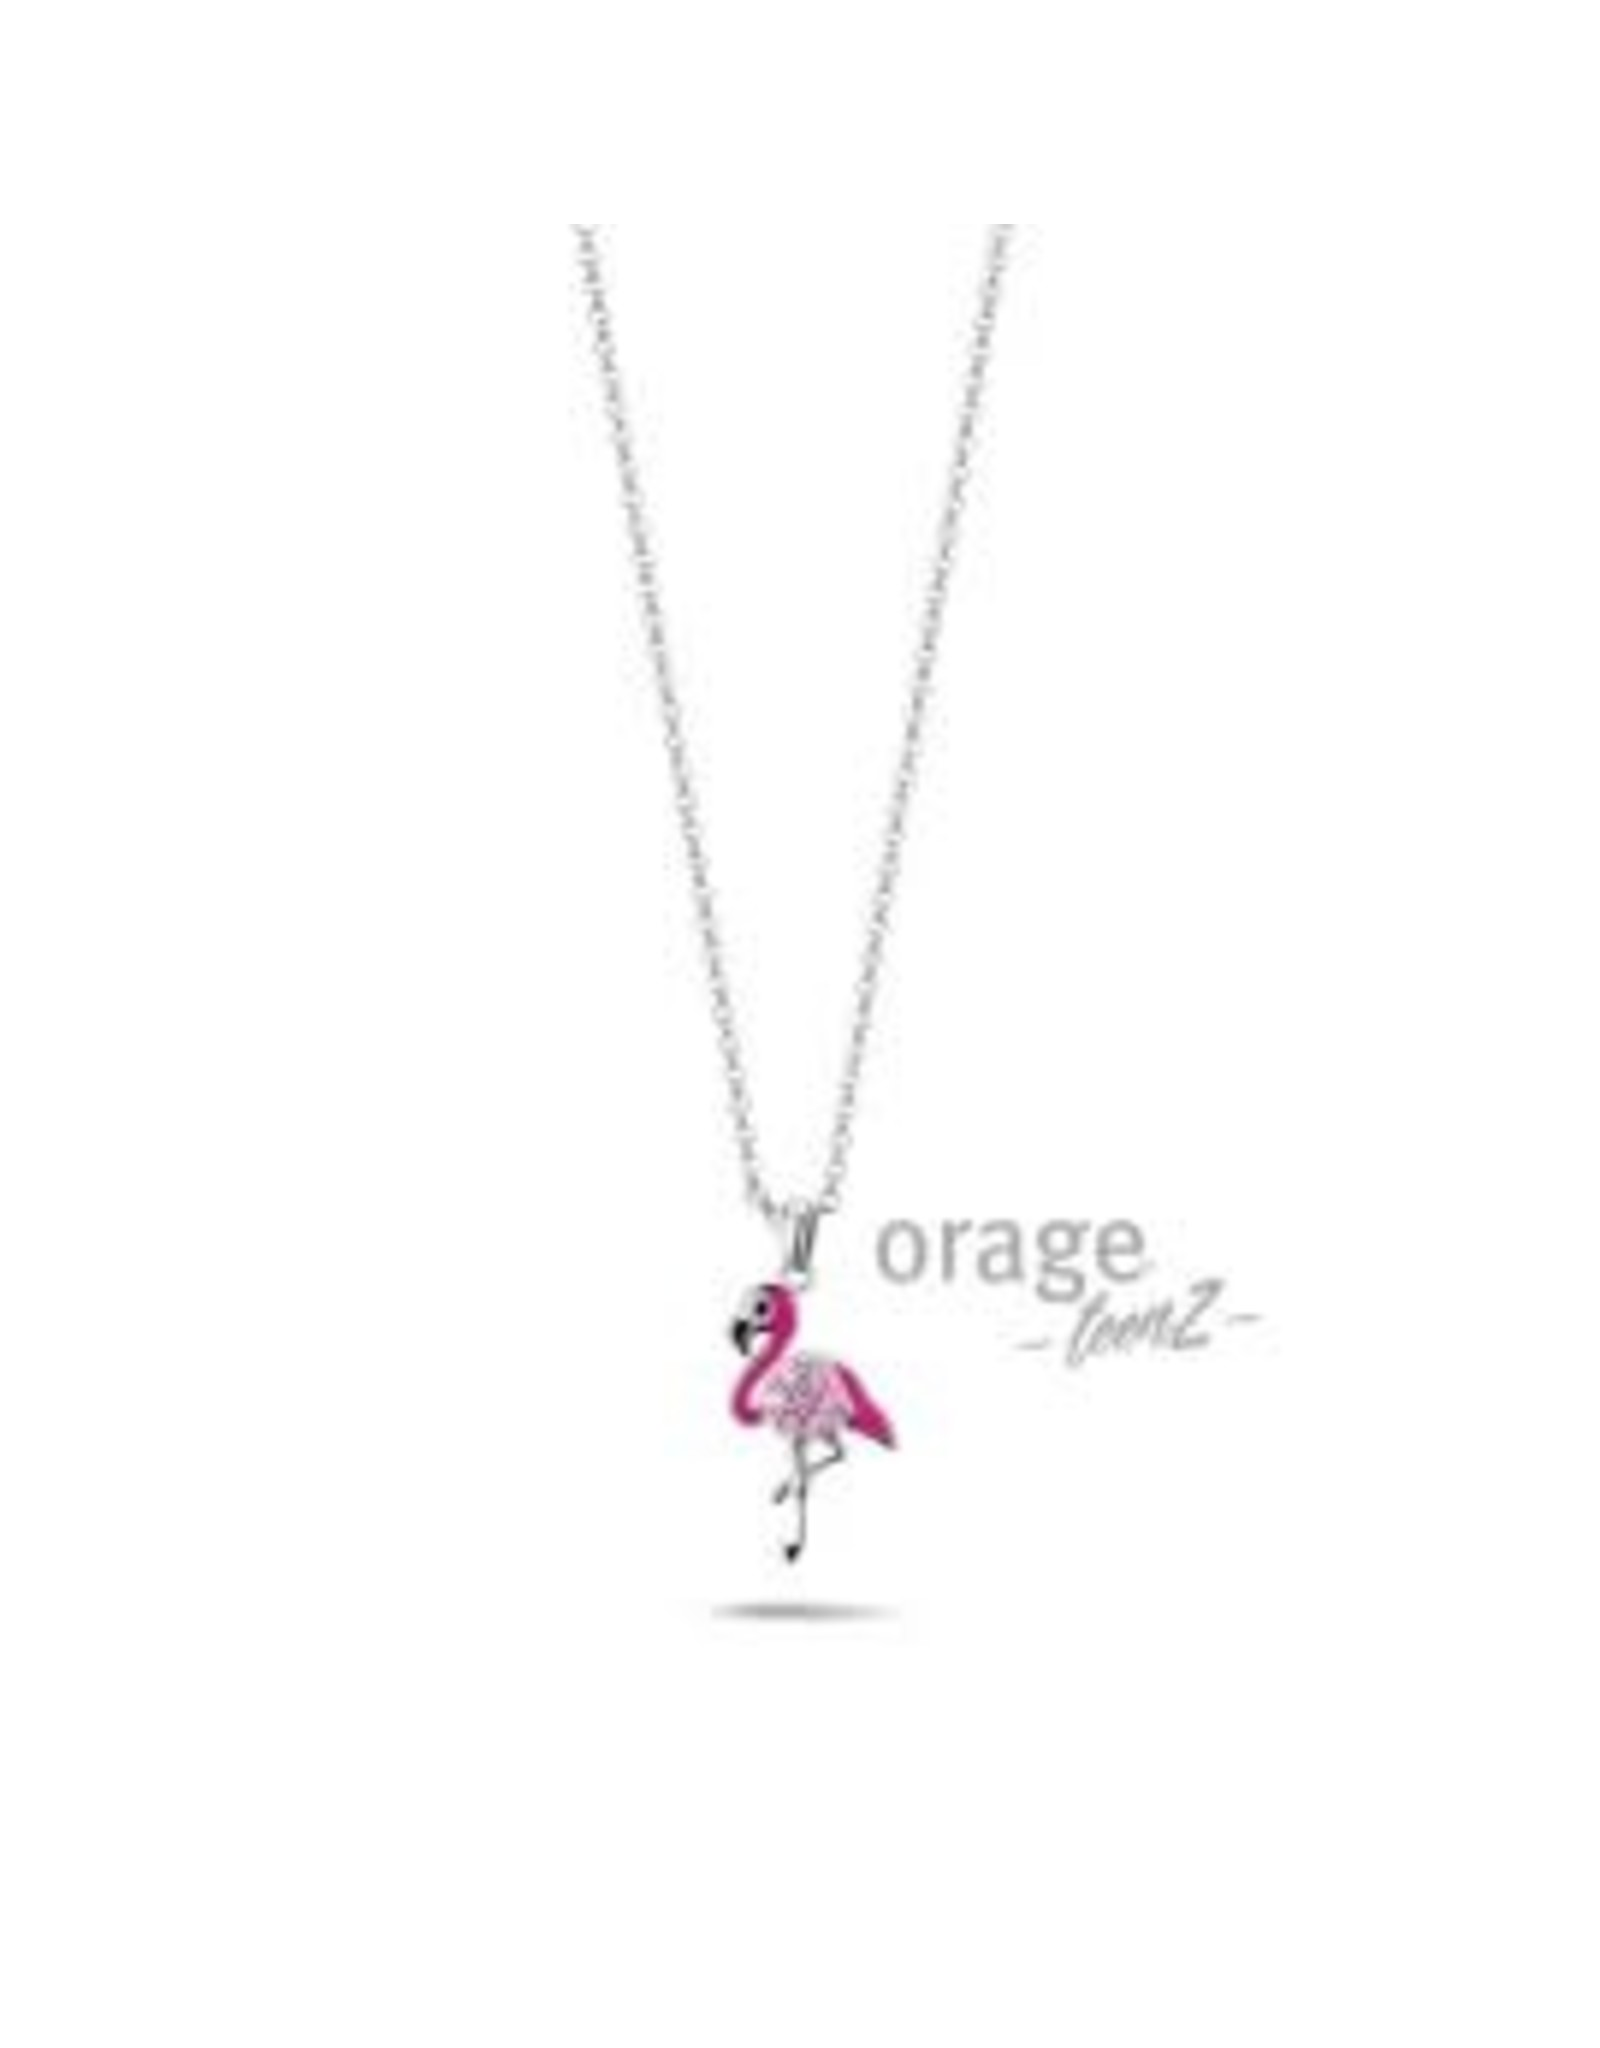 Orage Teenz Halsketting Orage Teenz Zilver Flamingo roze T232